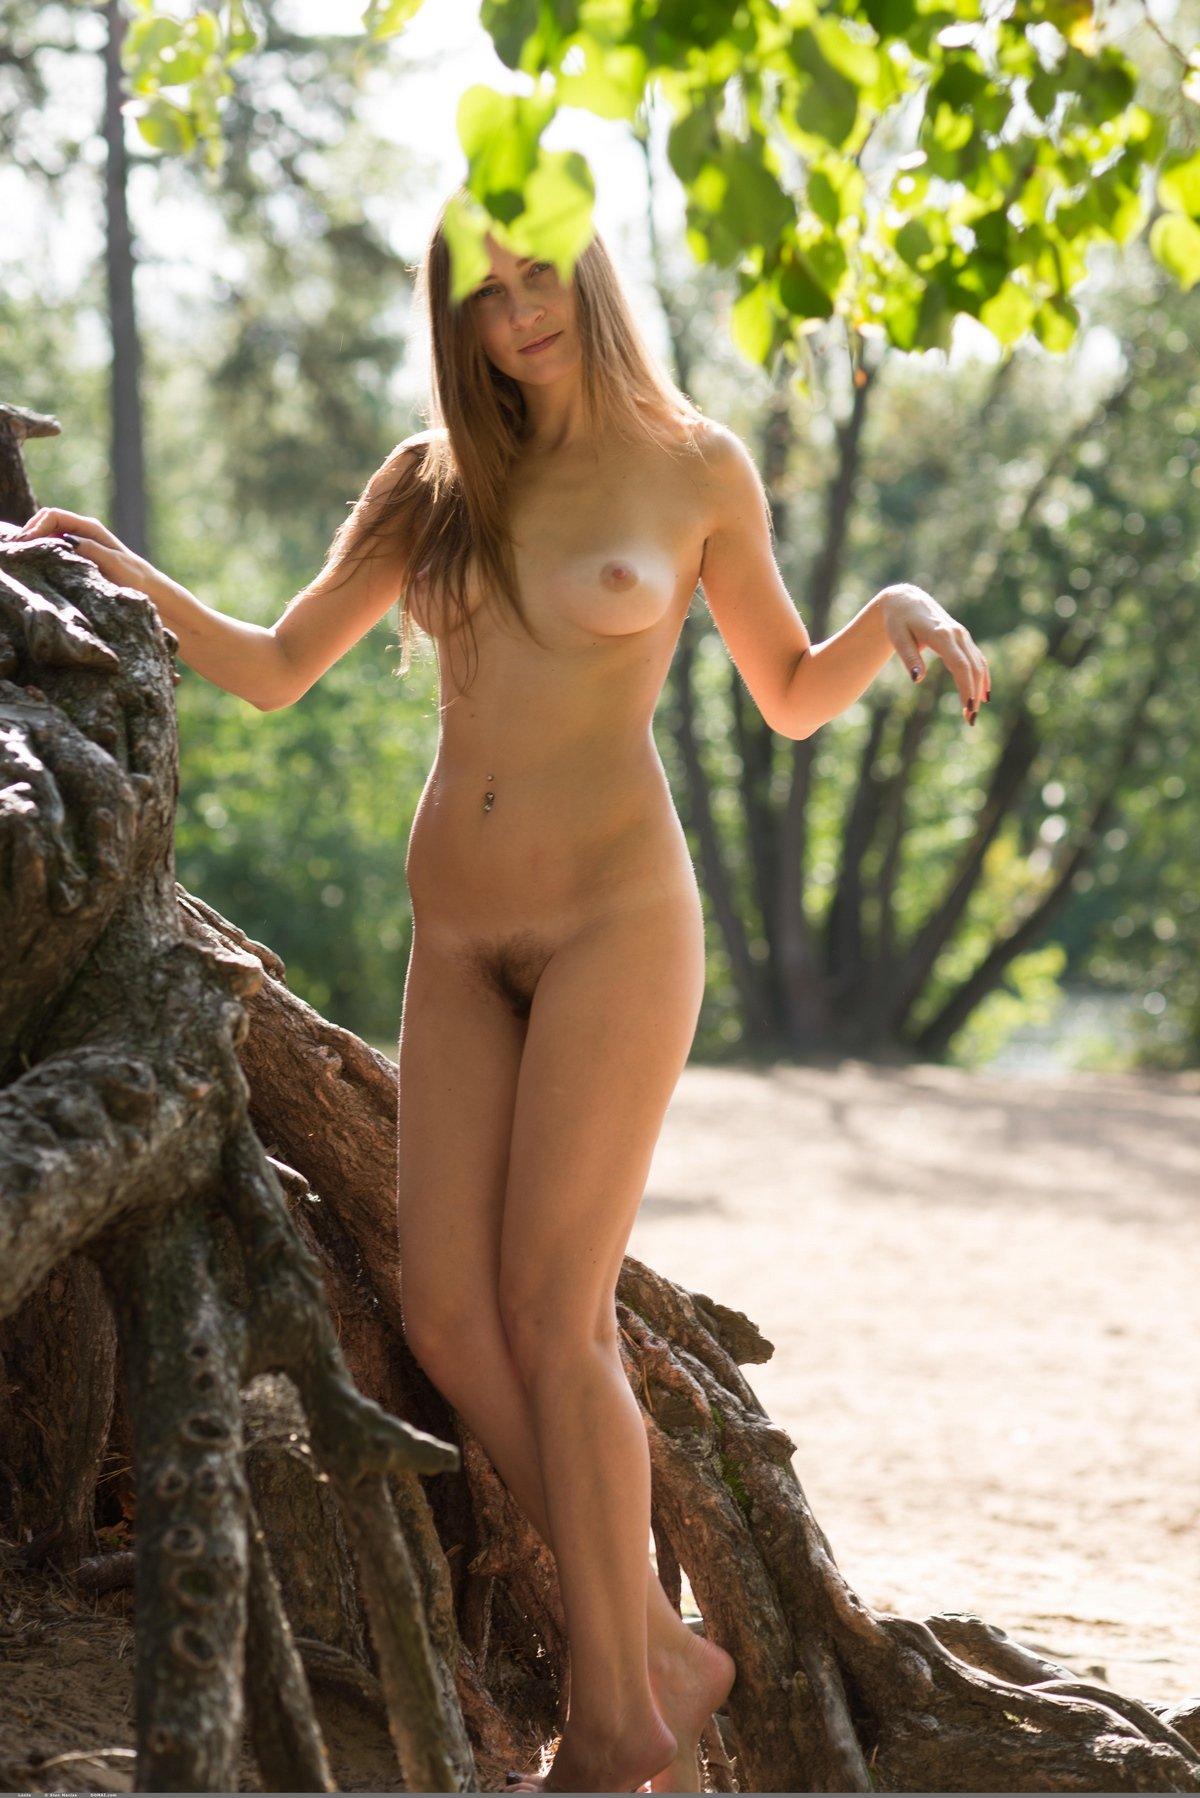 Баба в ажурной кофточке на голые сиськи под деревом смотреть эротику